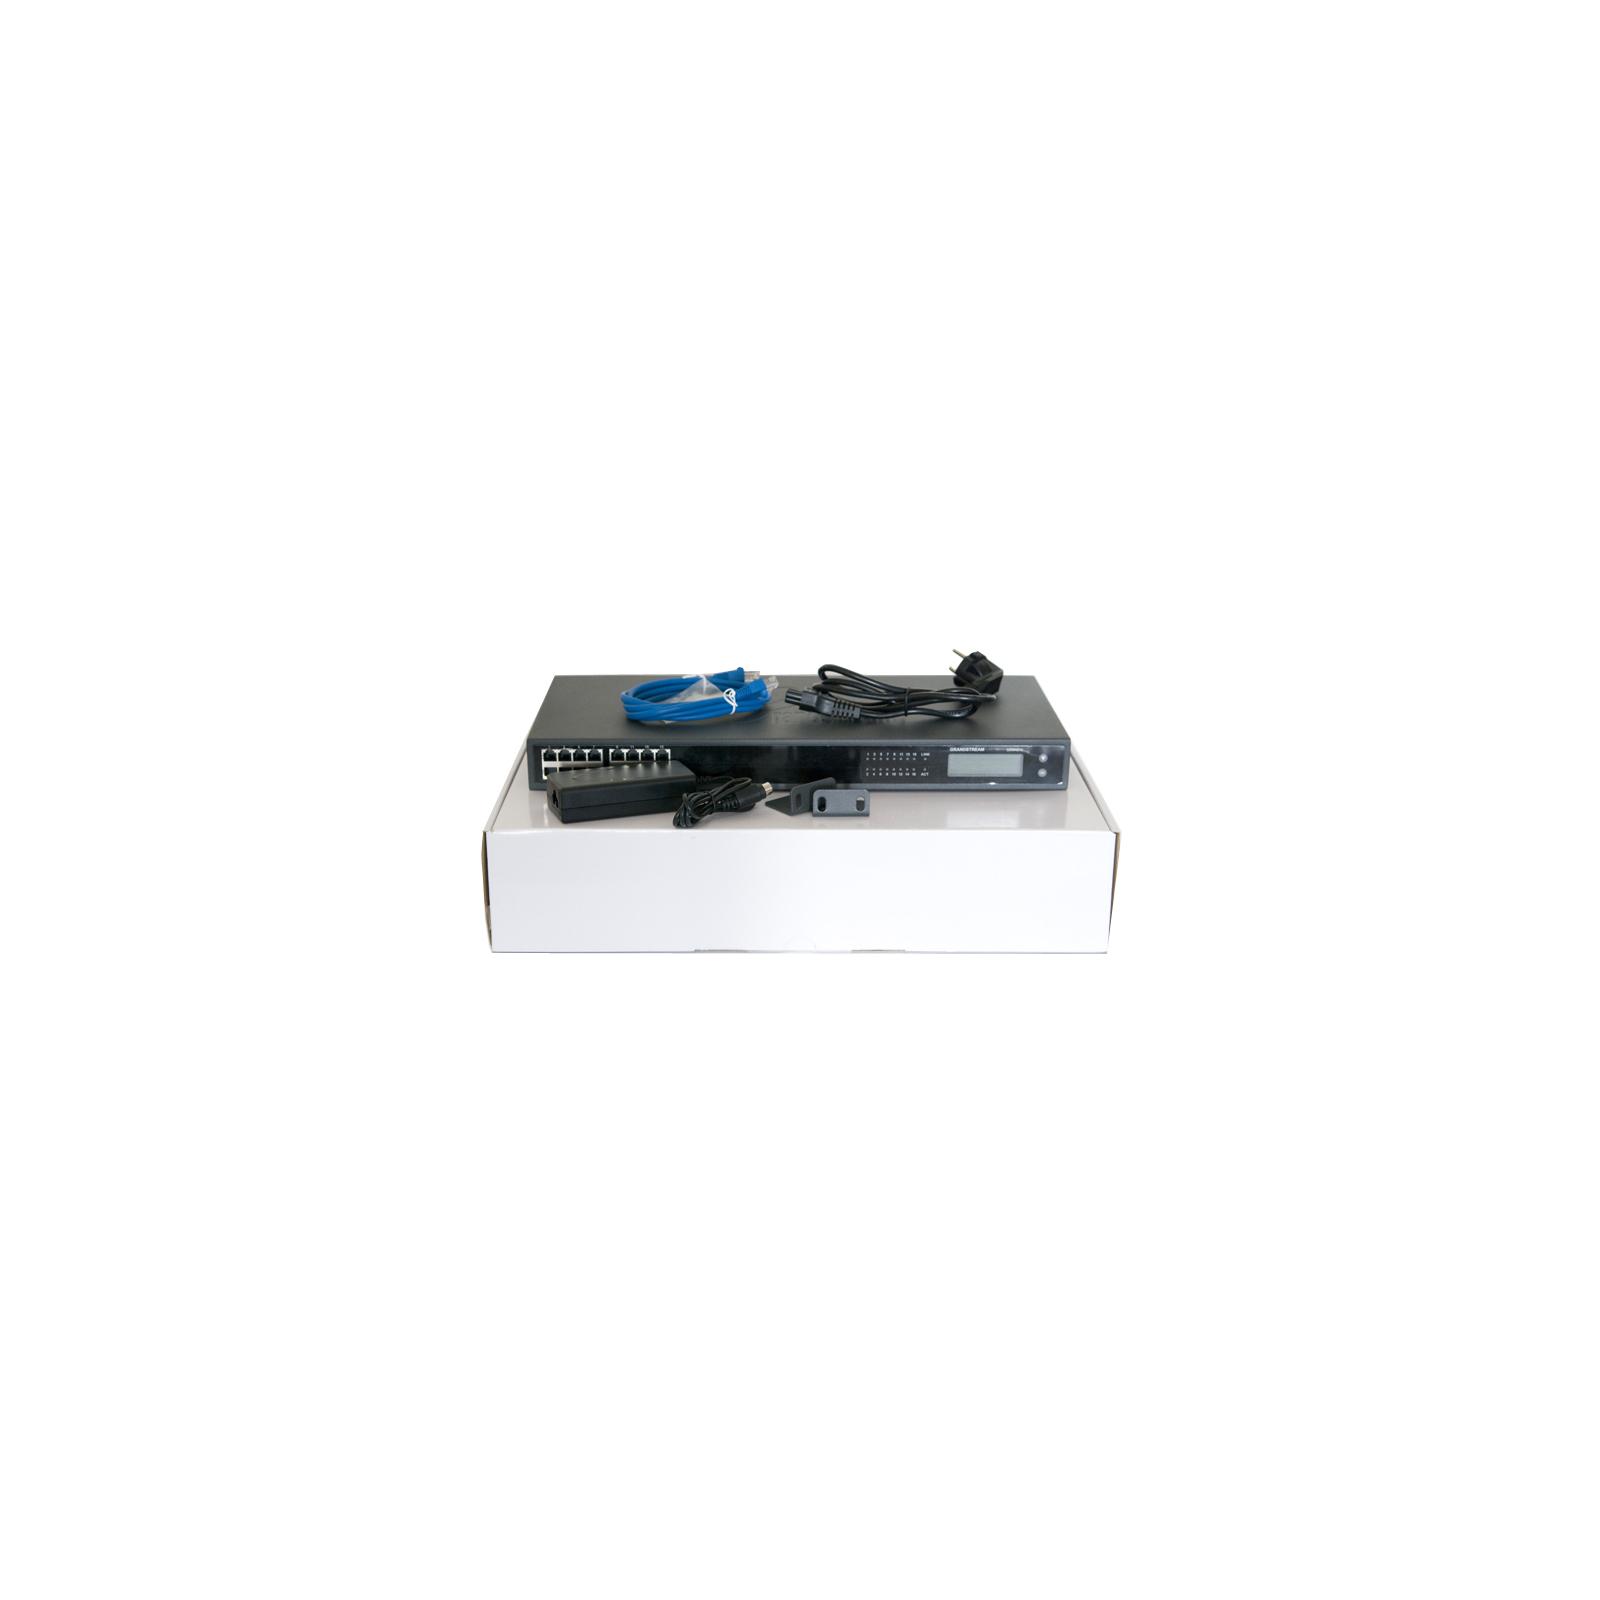 VoIP-шлюз Grandstream GXW4216 изображение 3